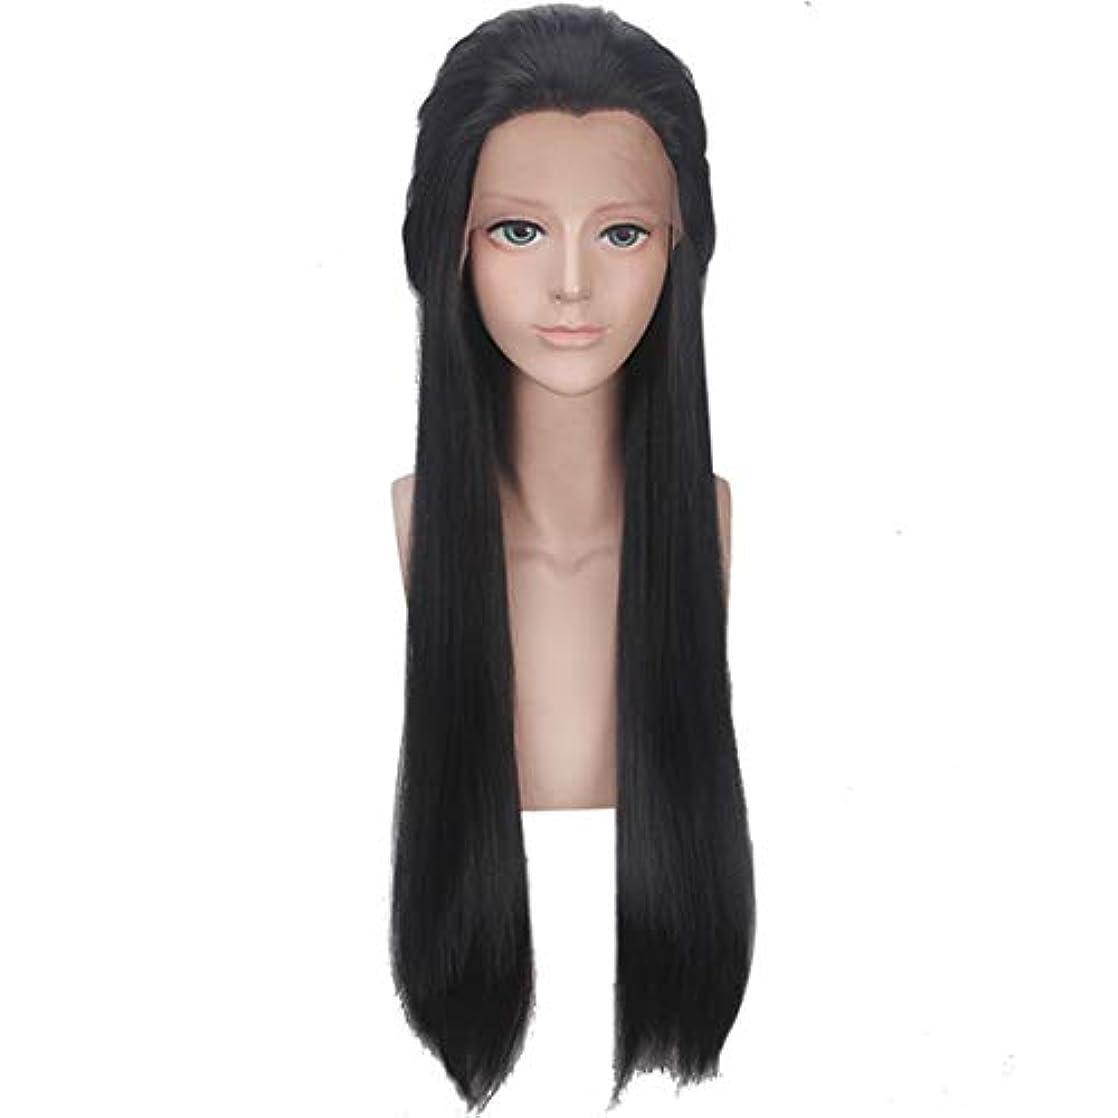 彼女自身悲鳴陰気JIANFU 女性 黒い 美しさは、長い ストレート ヘア 化学繊維 フロントレース ウィッグ ファッション ウィッグを指摘 (色 : 黒)